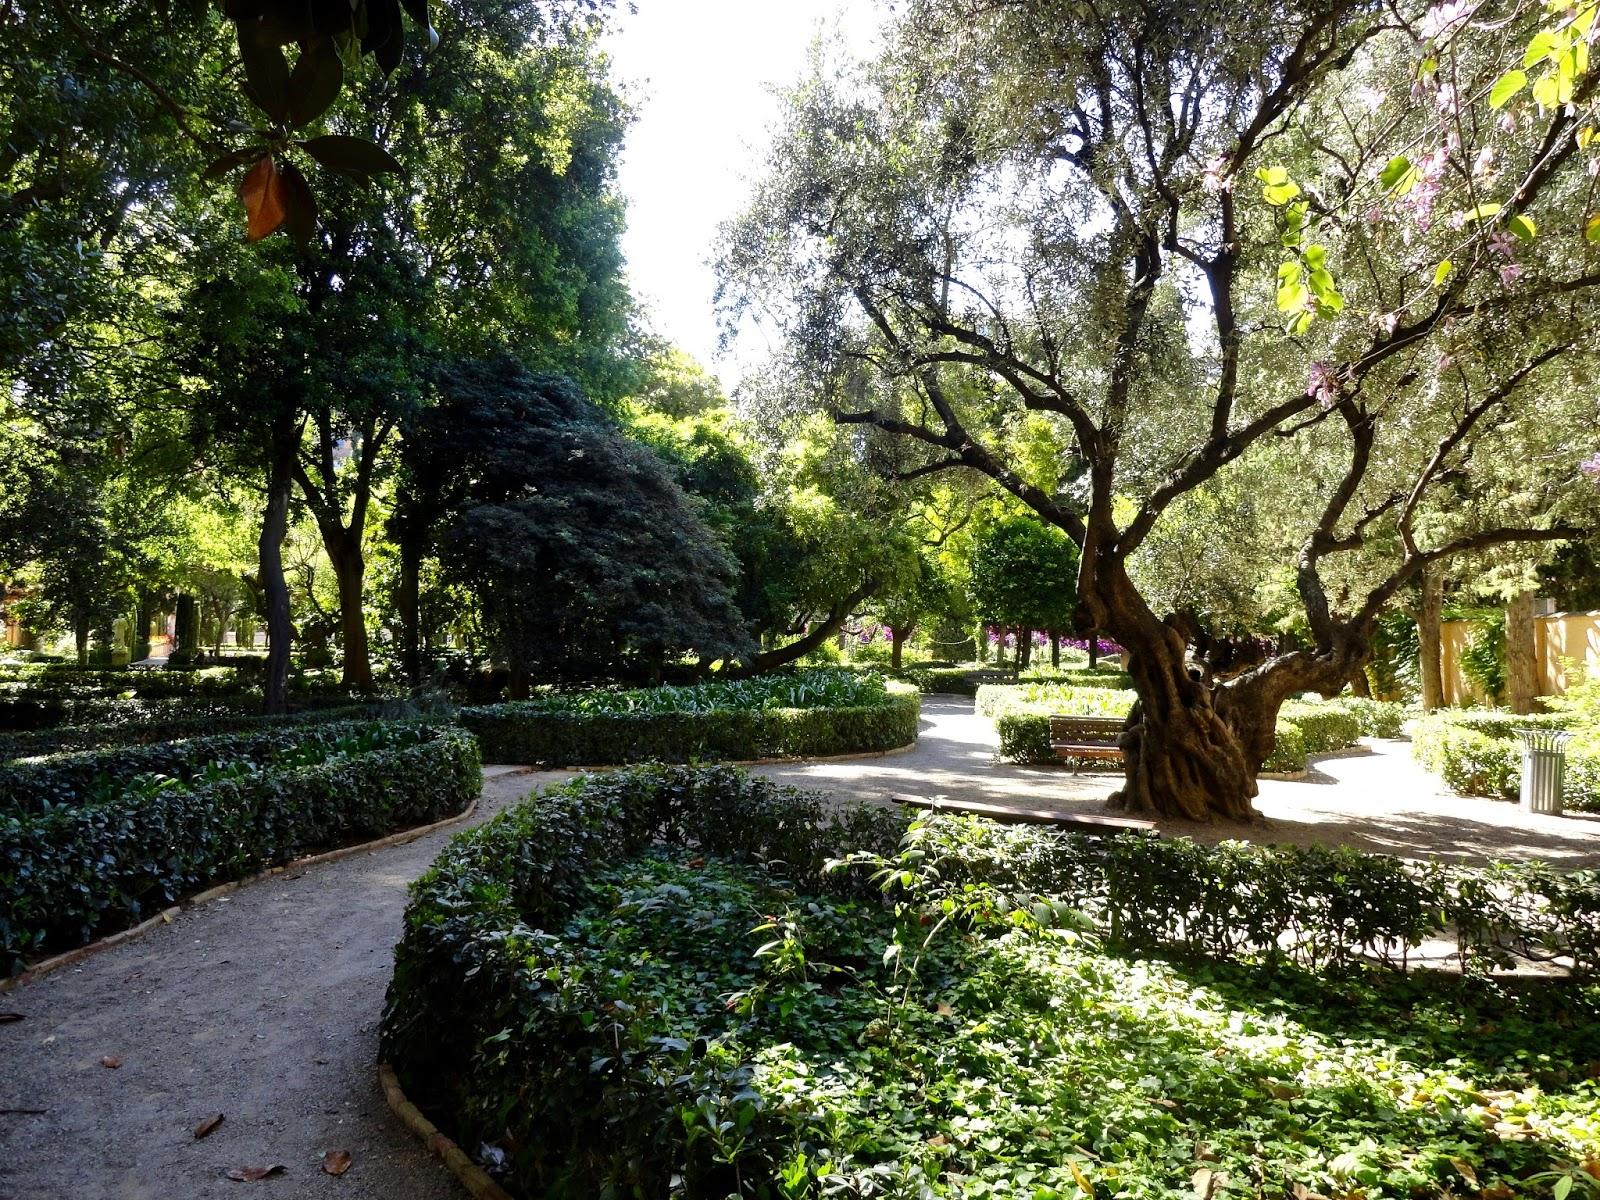 monforte garden valencia spain trees green